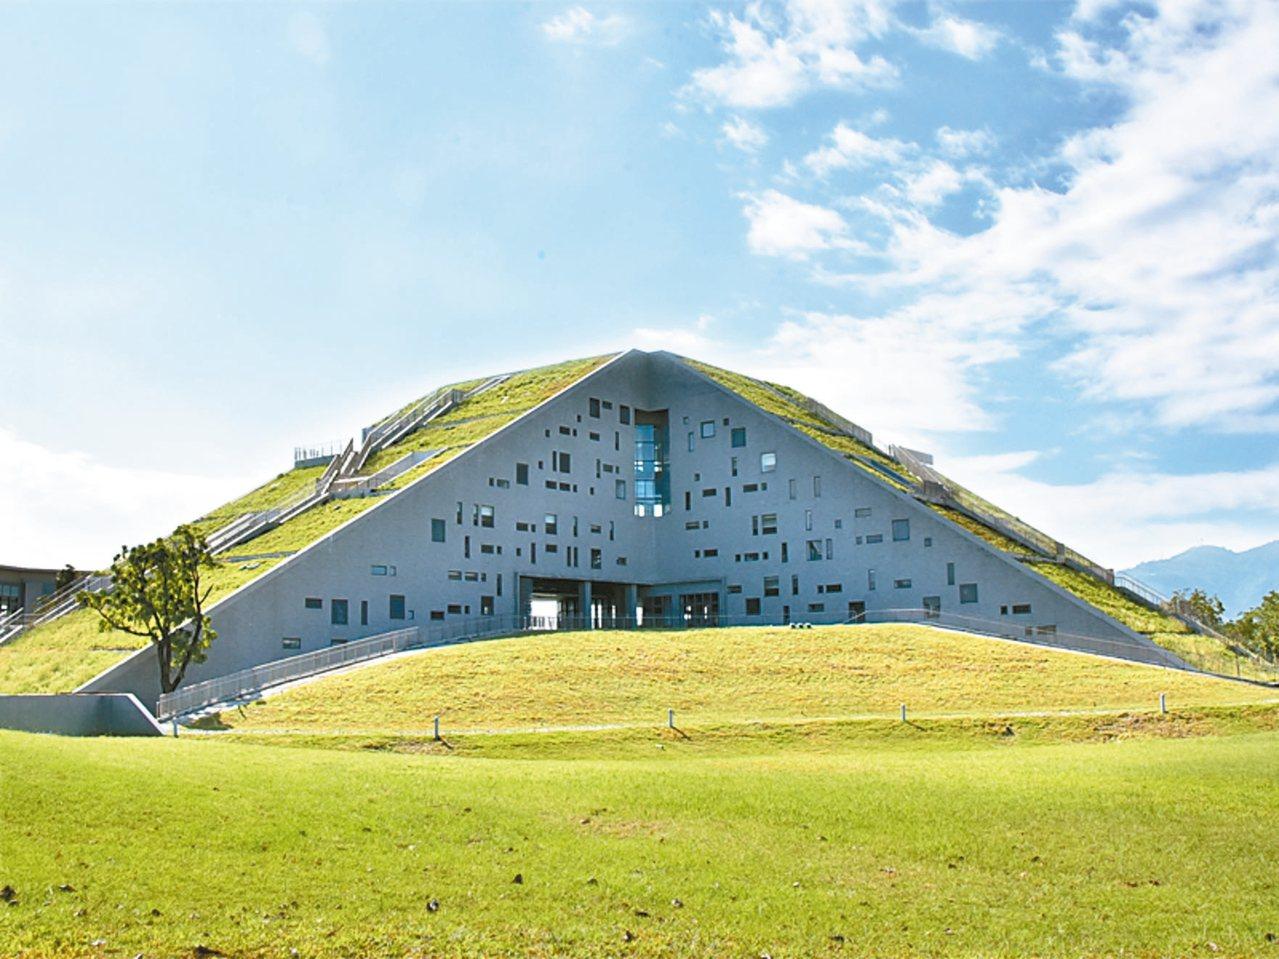 台東大學圖書館融合周邊山海地景。 圖/台東大學提供